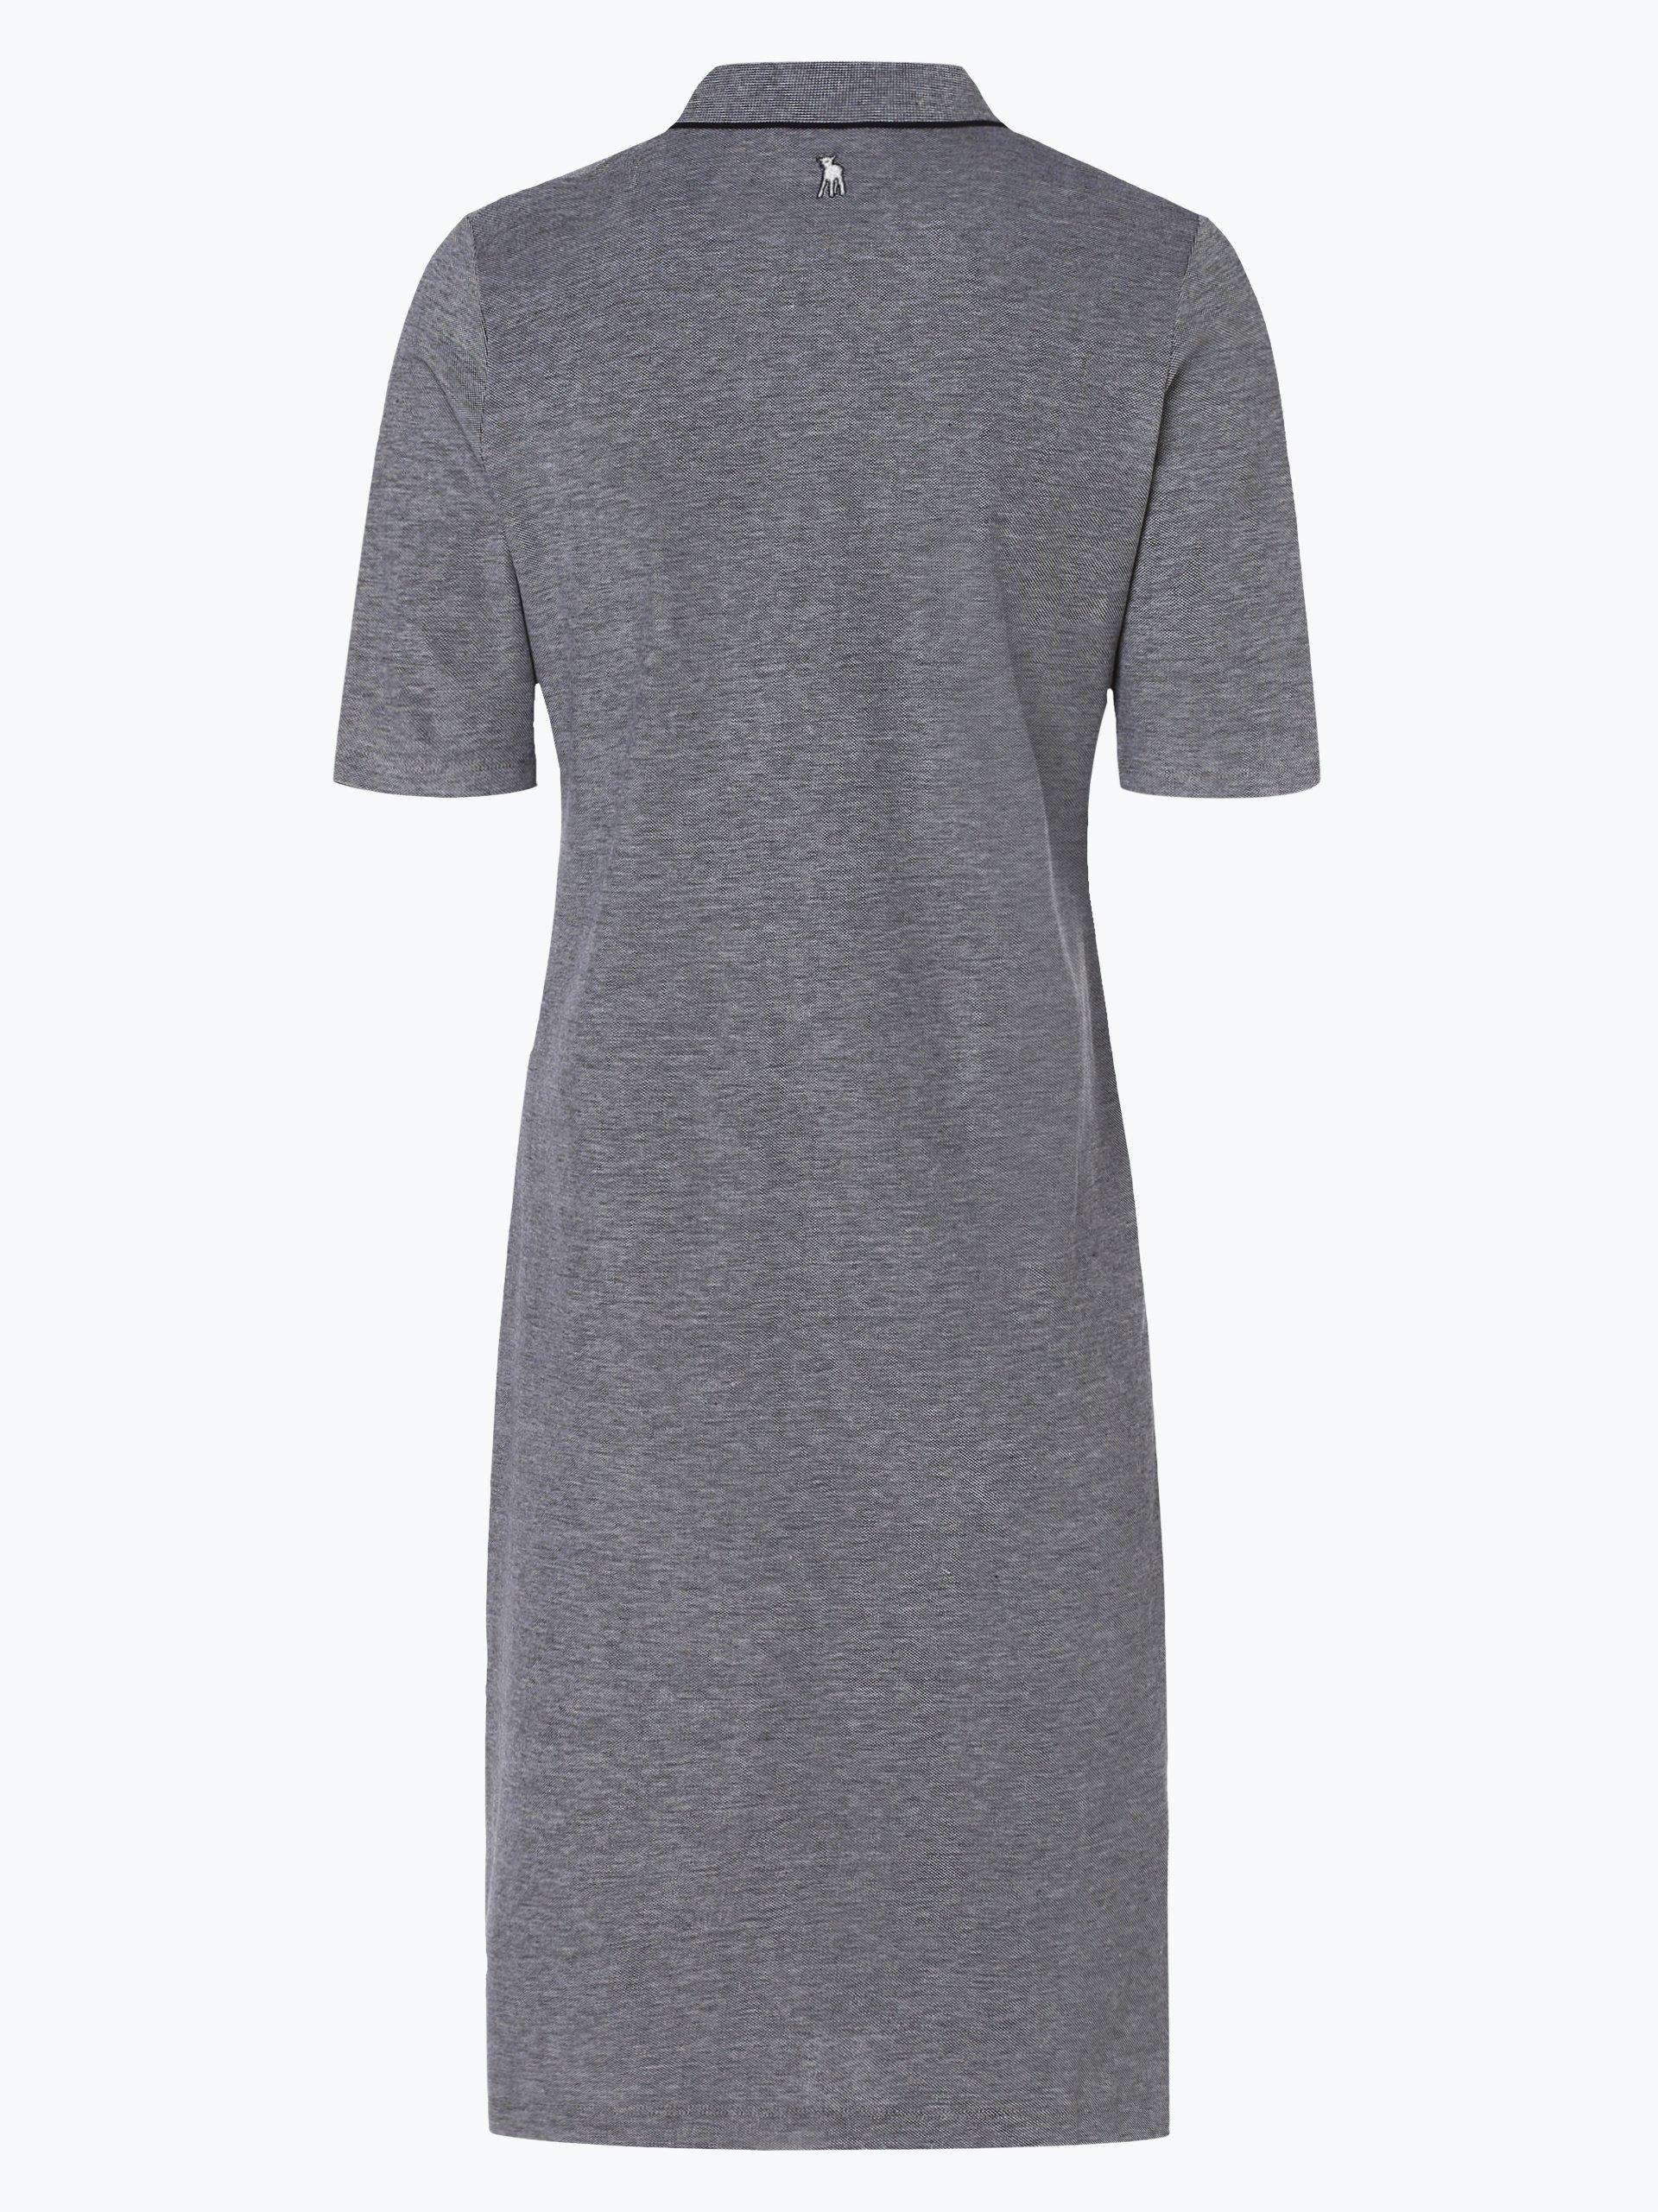 MAERZ Damen Kleid